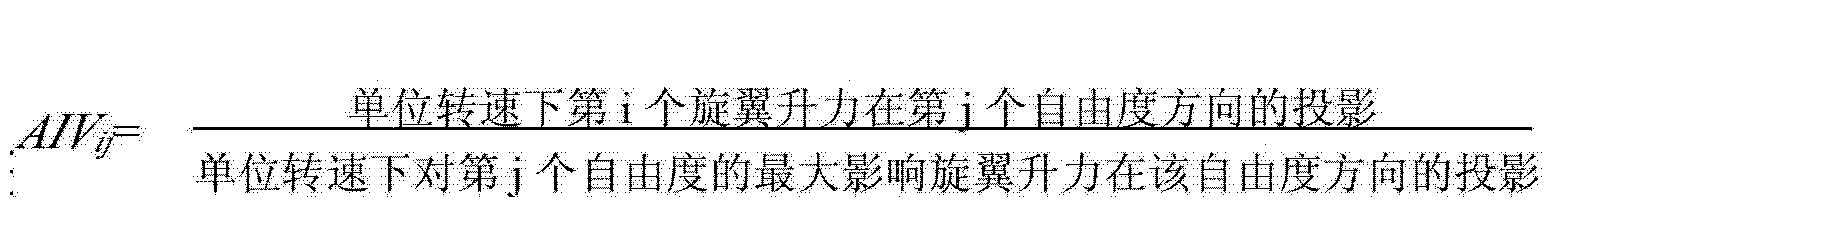 Figure CN102340113BD00041